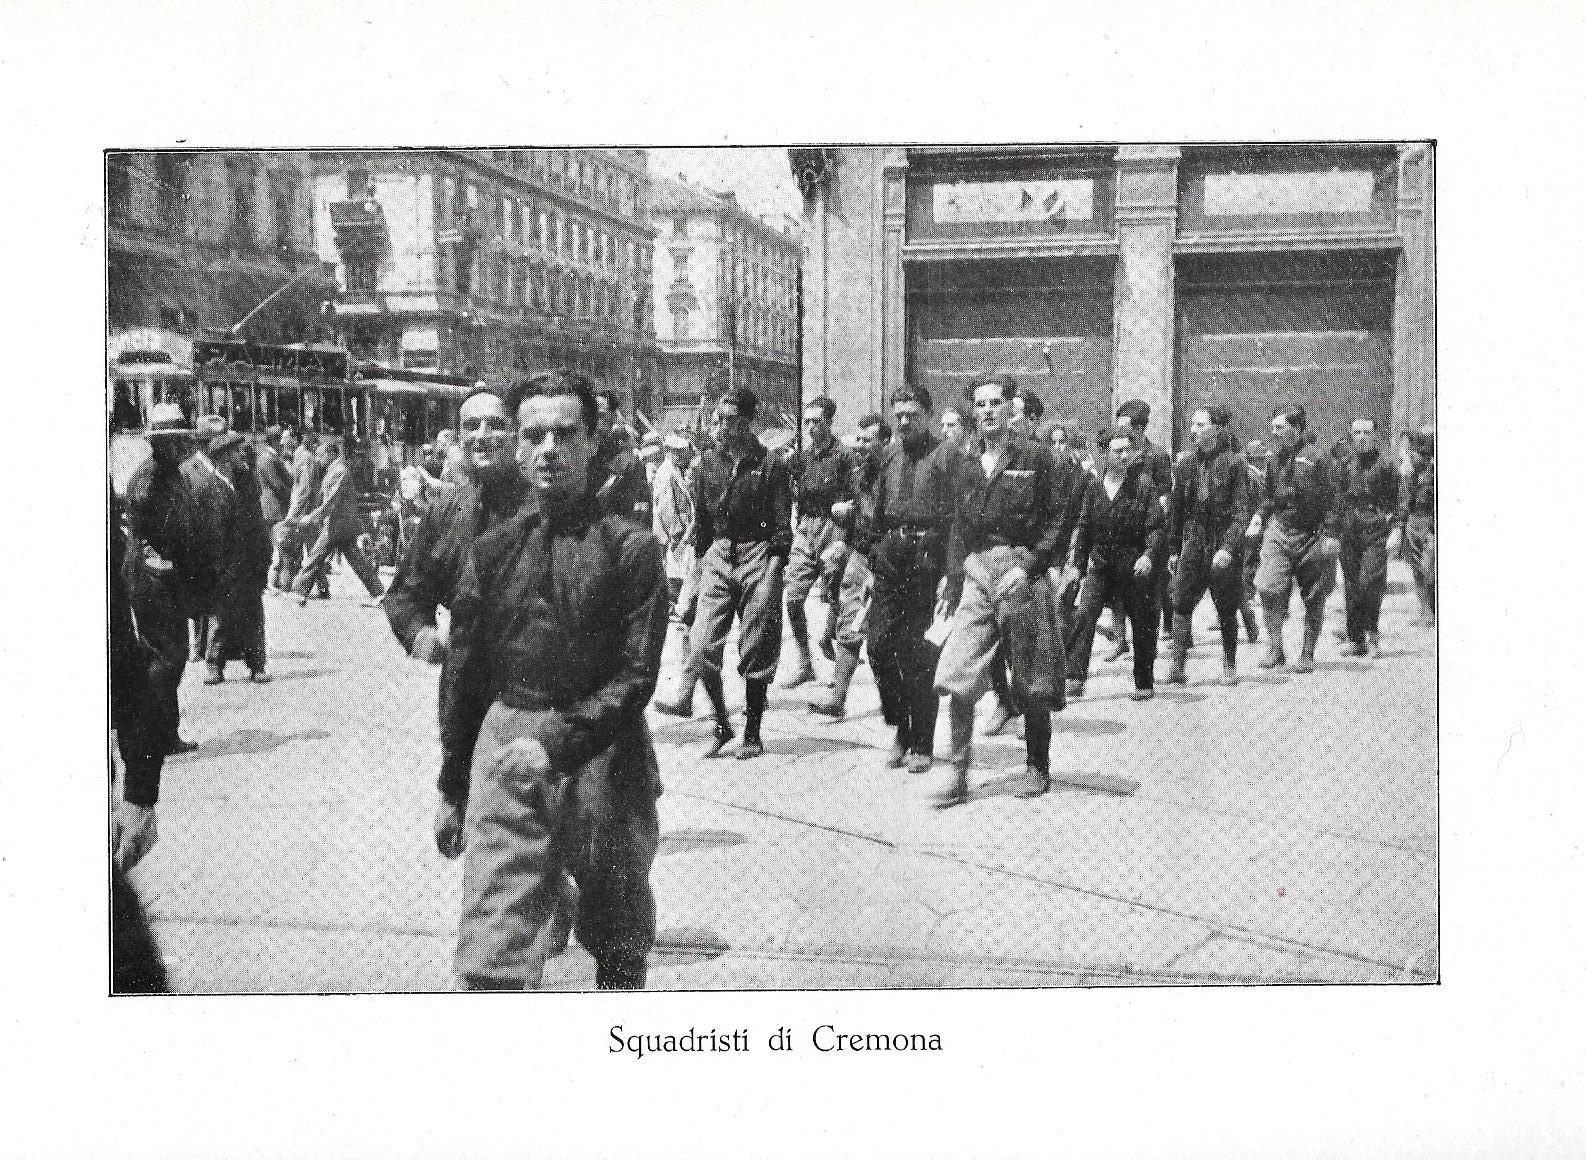 Cremona, 6 Settembre 1920: Dopo violenti incidenti, viene arrestato Roberto Farinacci. Tutto però era cominciato… (prima parte) – Giacinto Reale